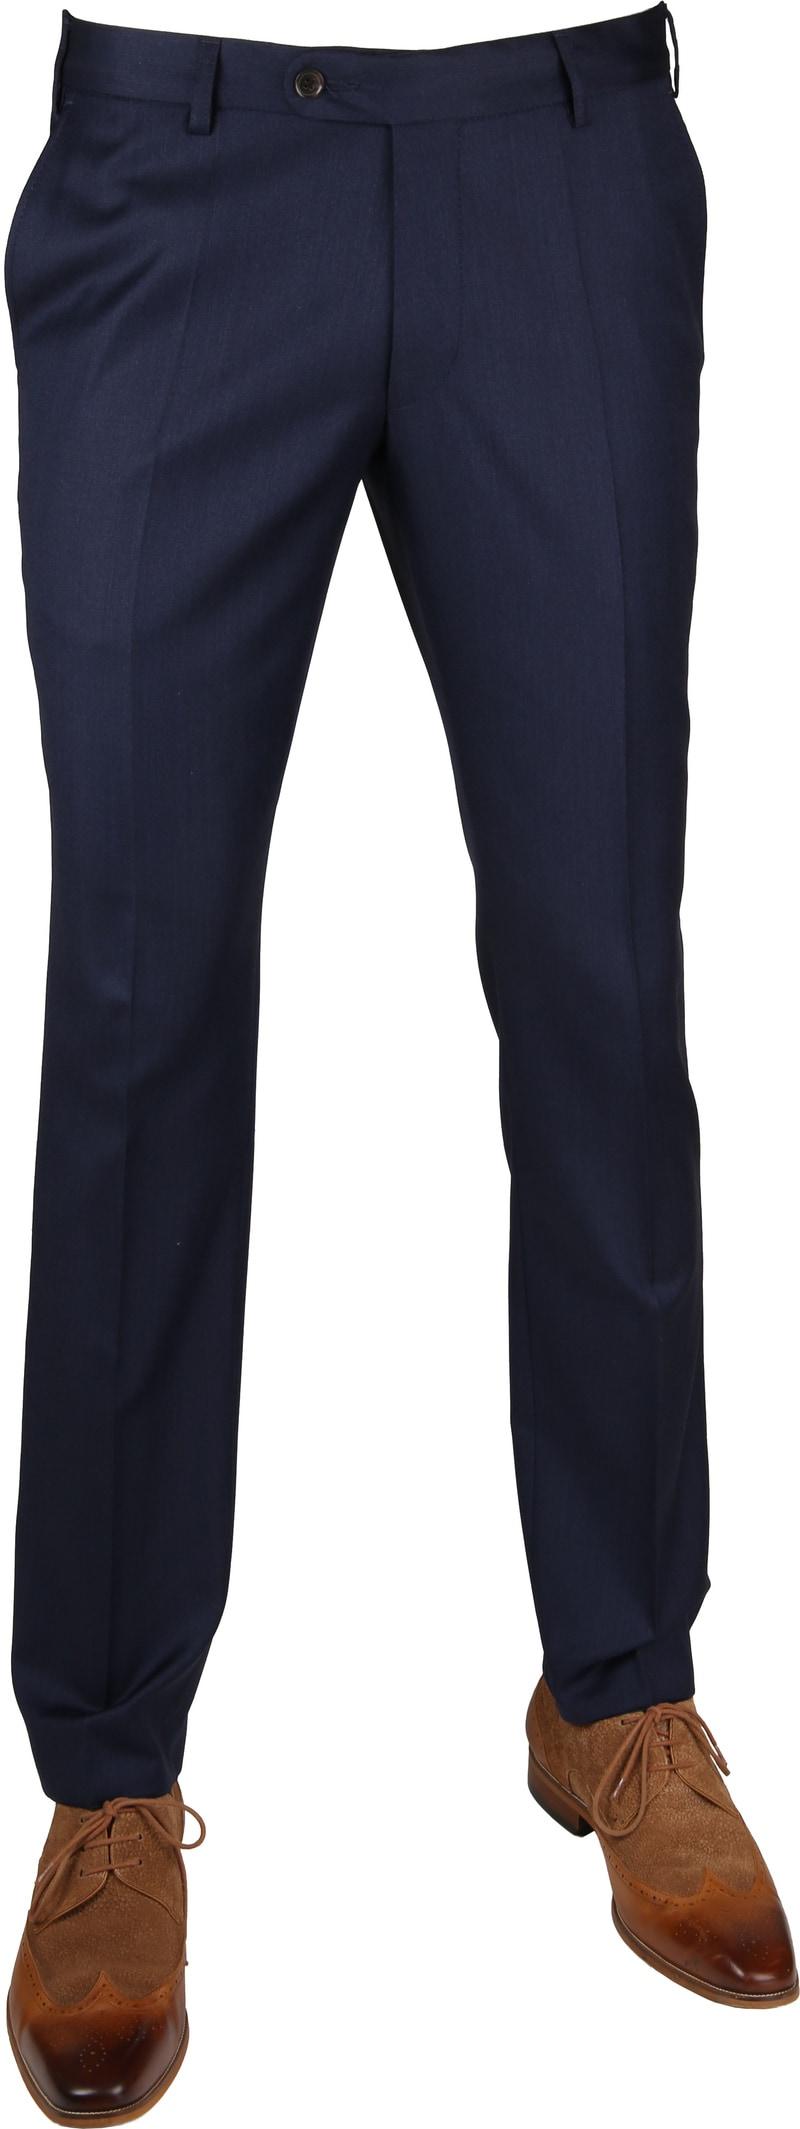 Suitable Pantalon Evans Navy photo 0